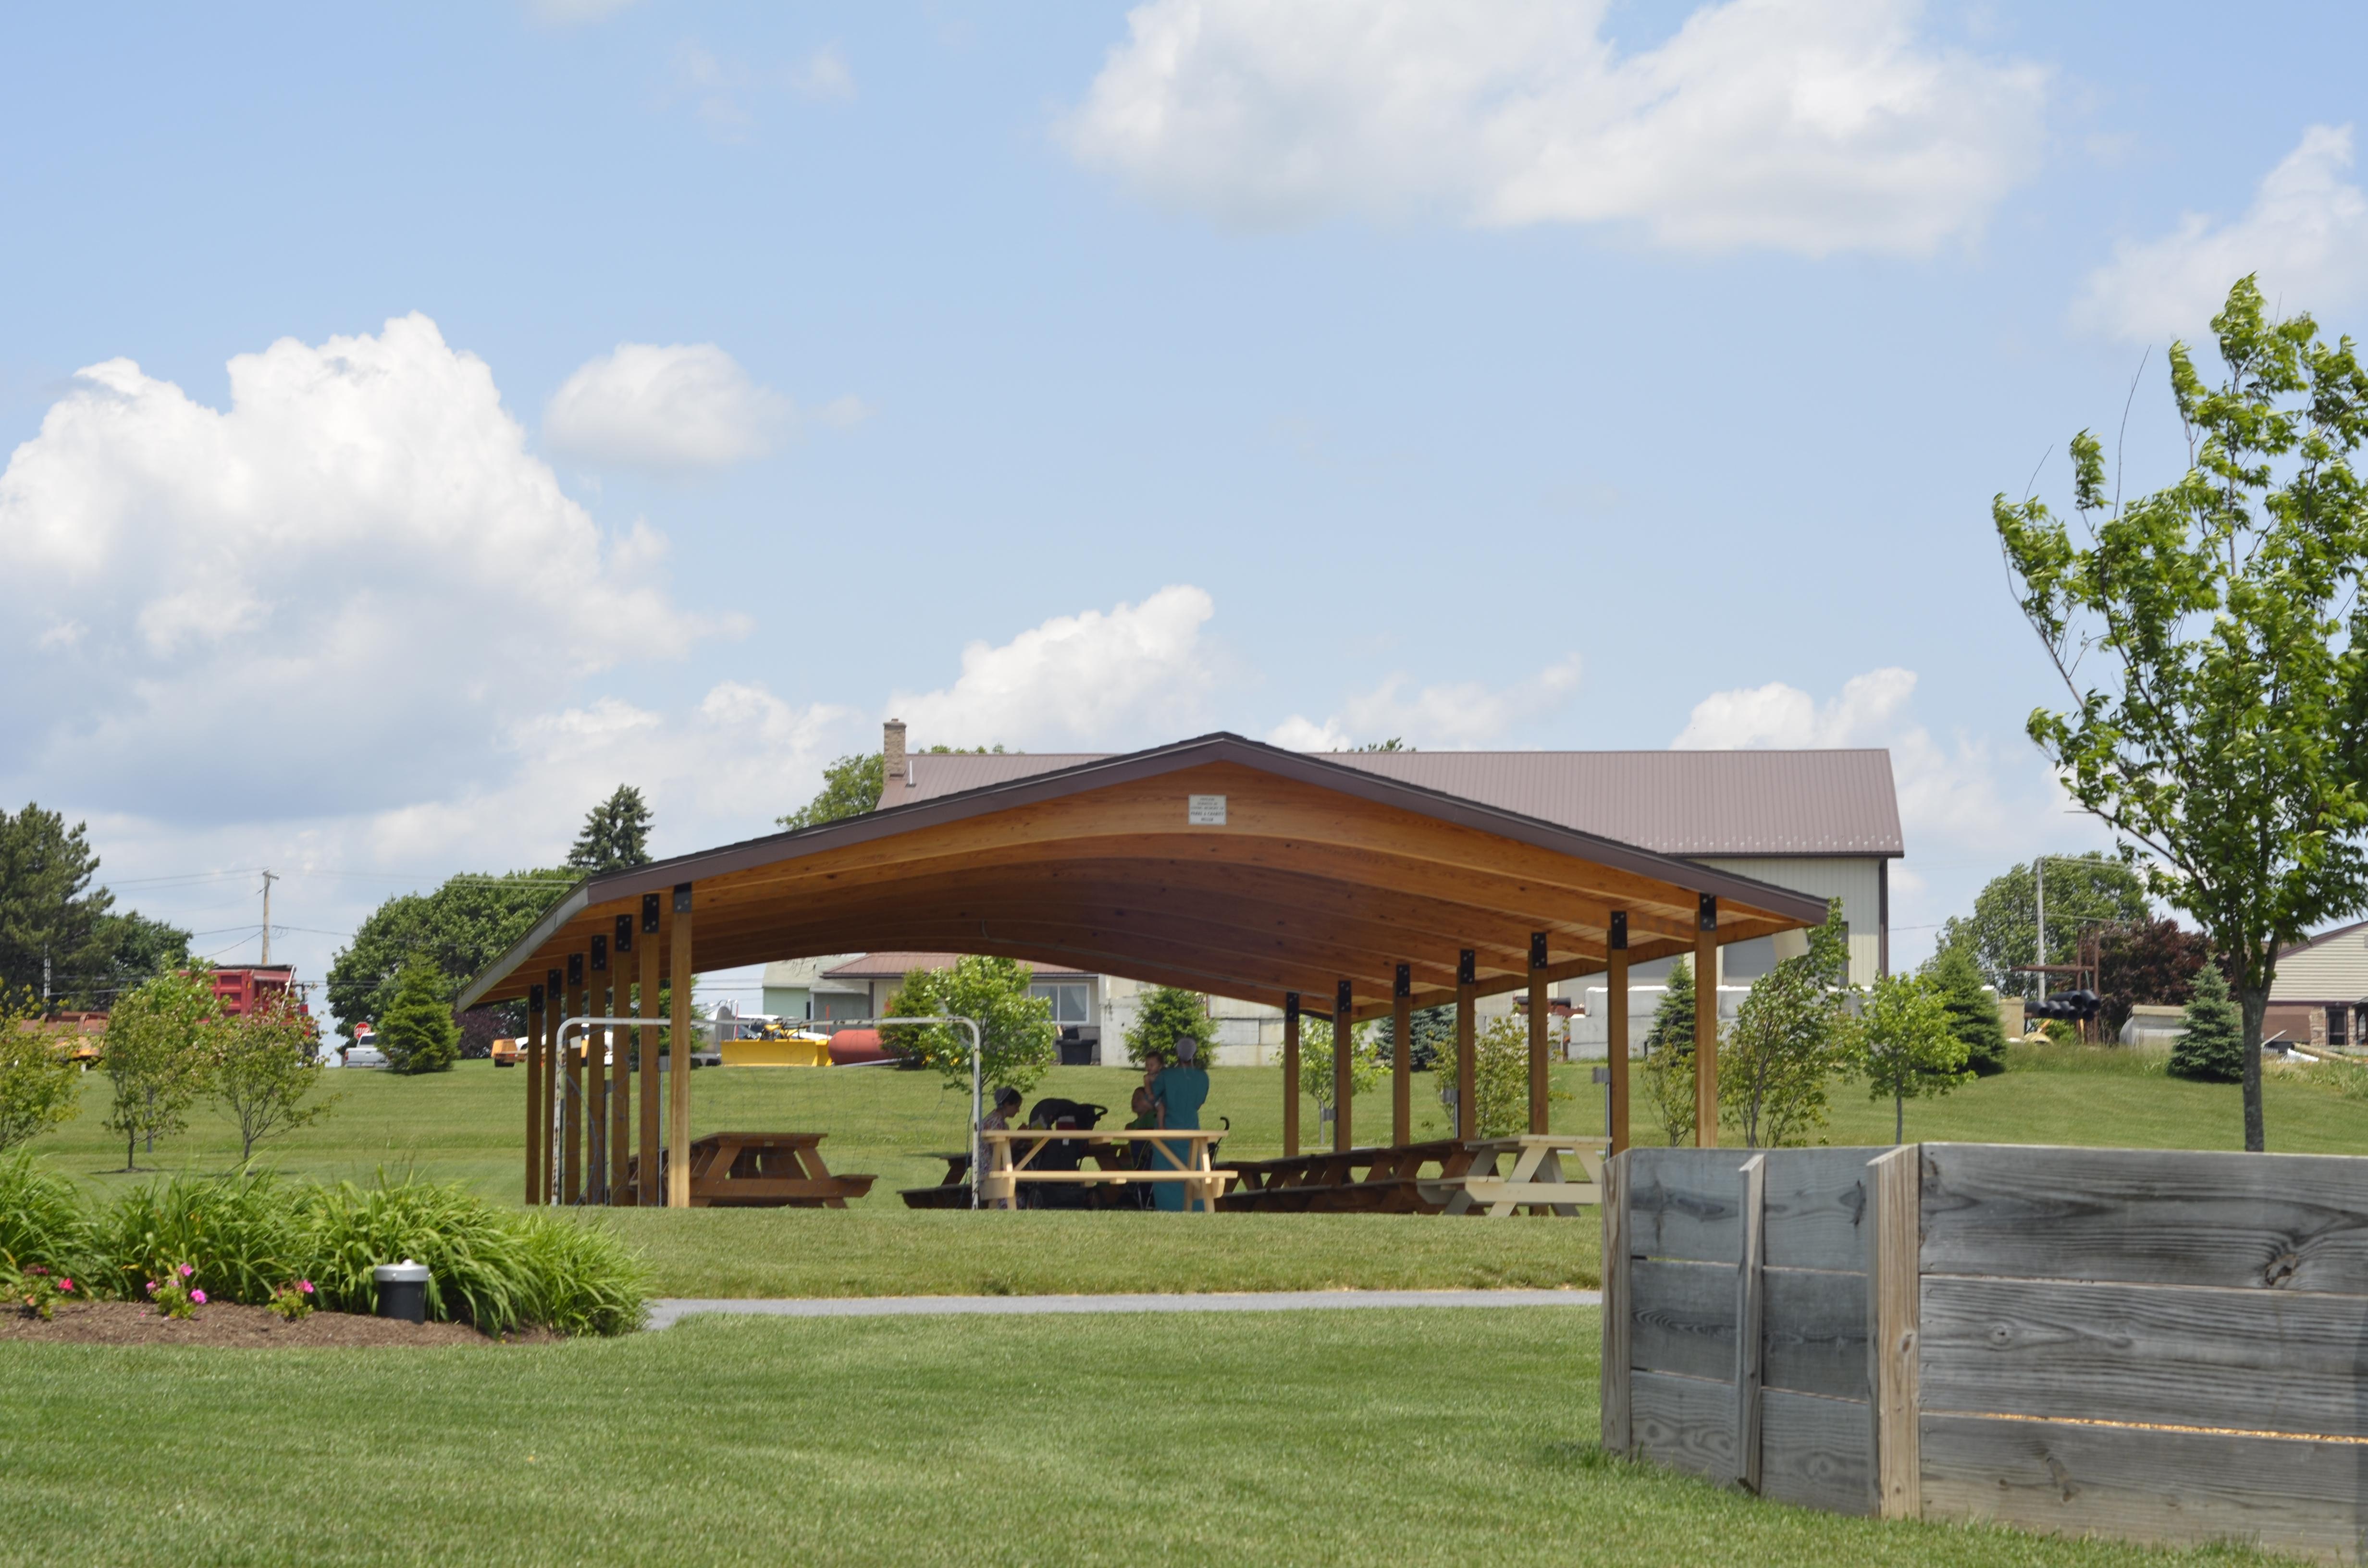 elizabeth township  u2013 community park pavilion